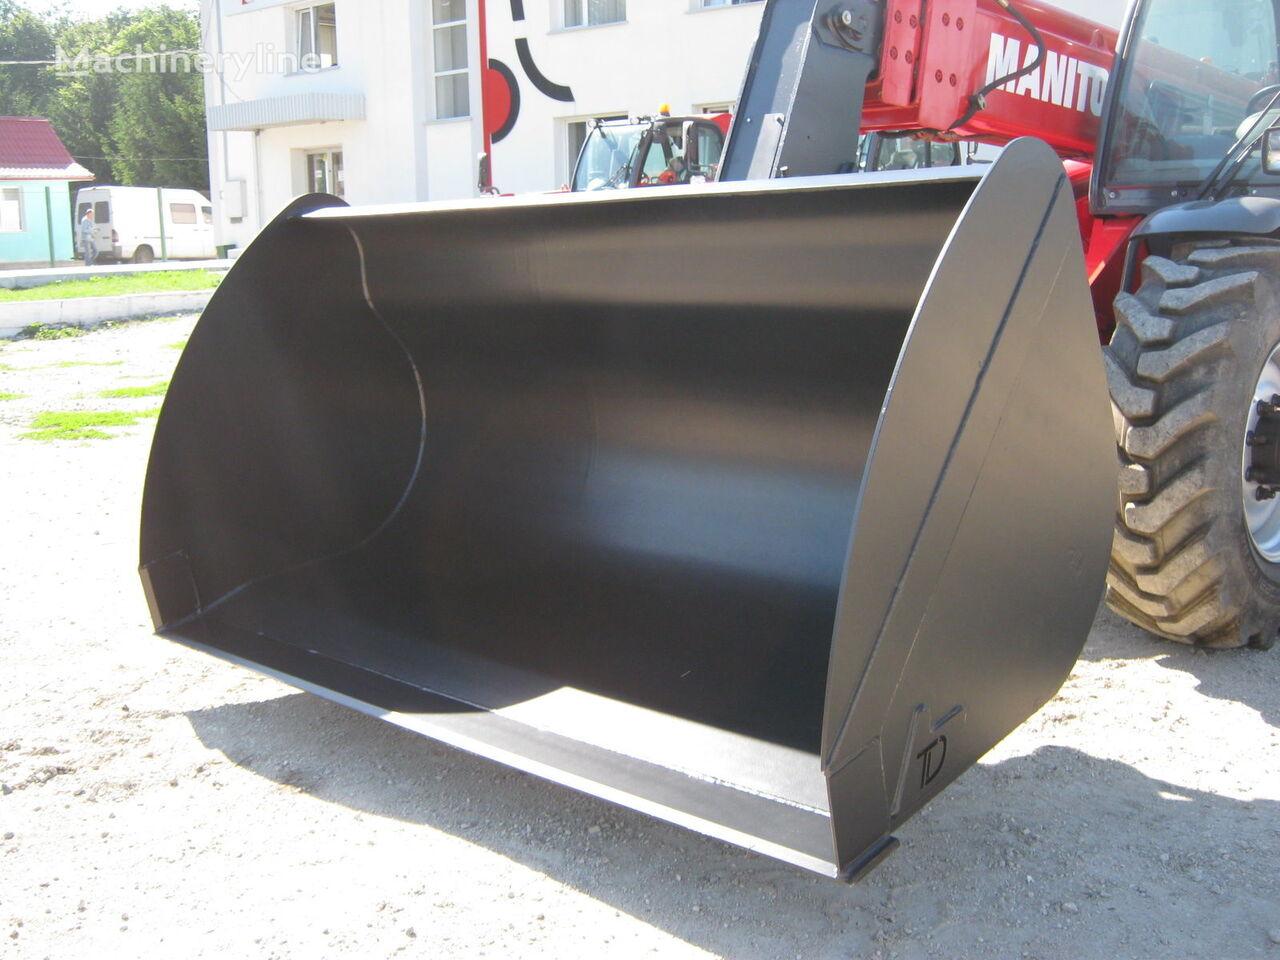 new MANITOU kovshi zahvaty oborudovanie DERZhKOMPENSACIYa do 40% front loader bucket